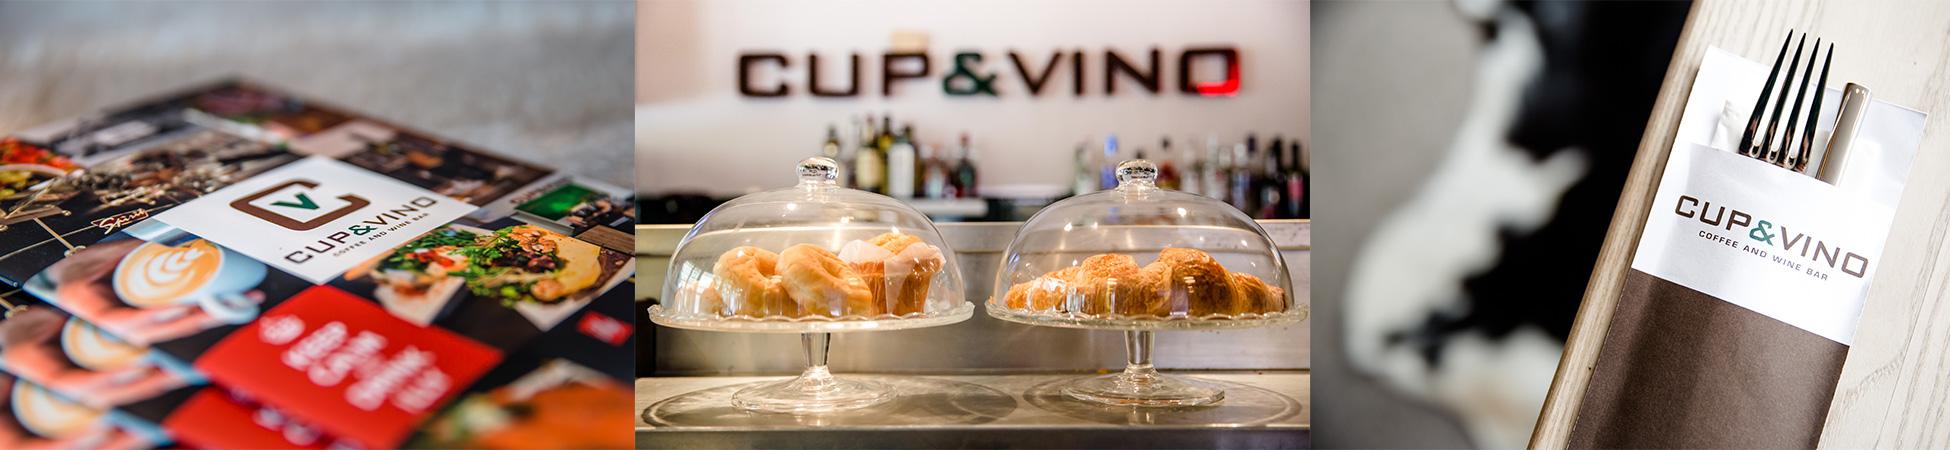 De diverse locaties van Cup & Vino